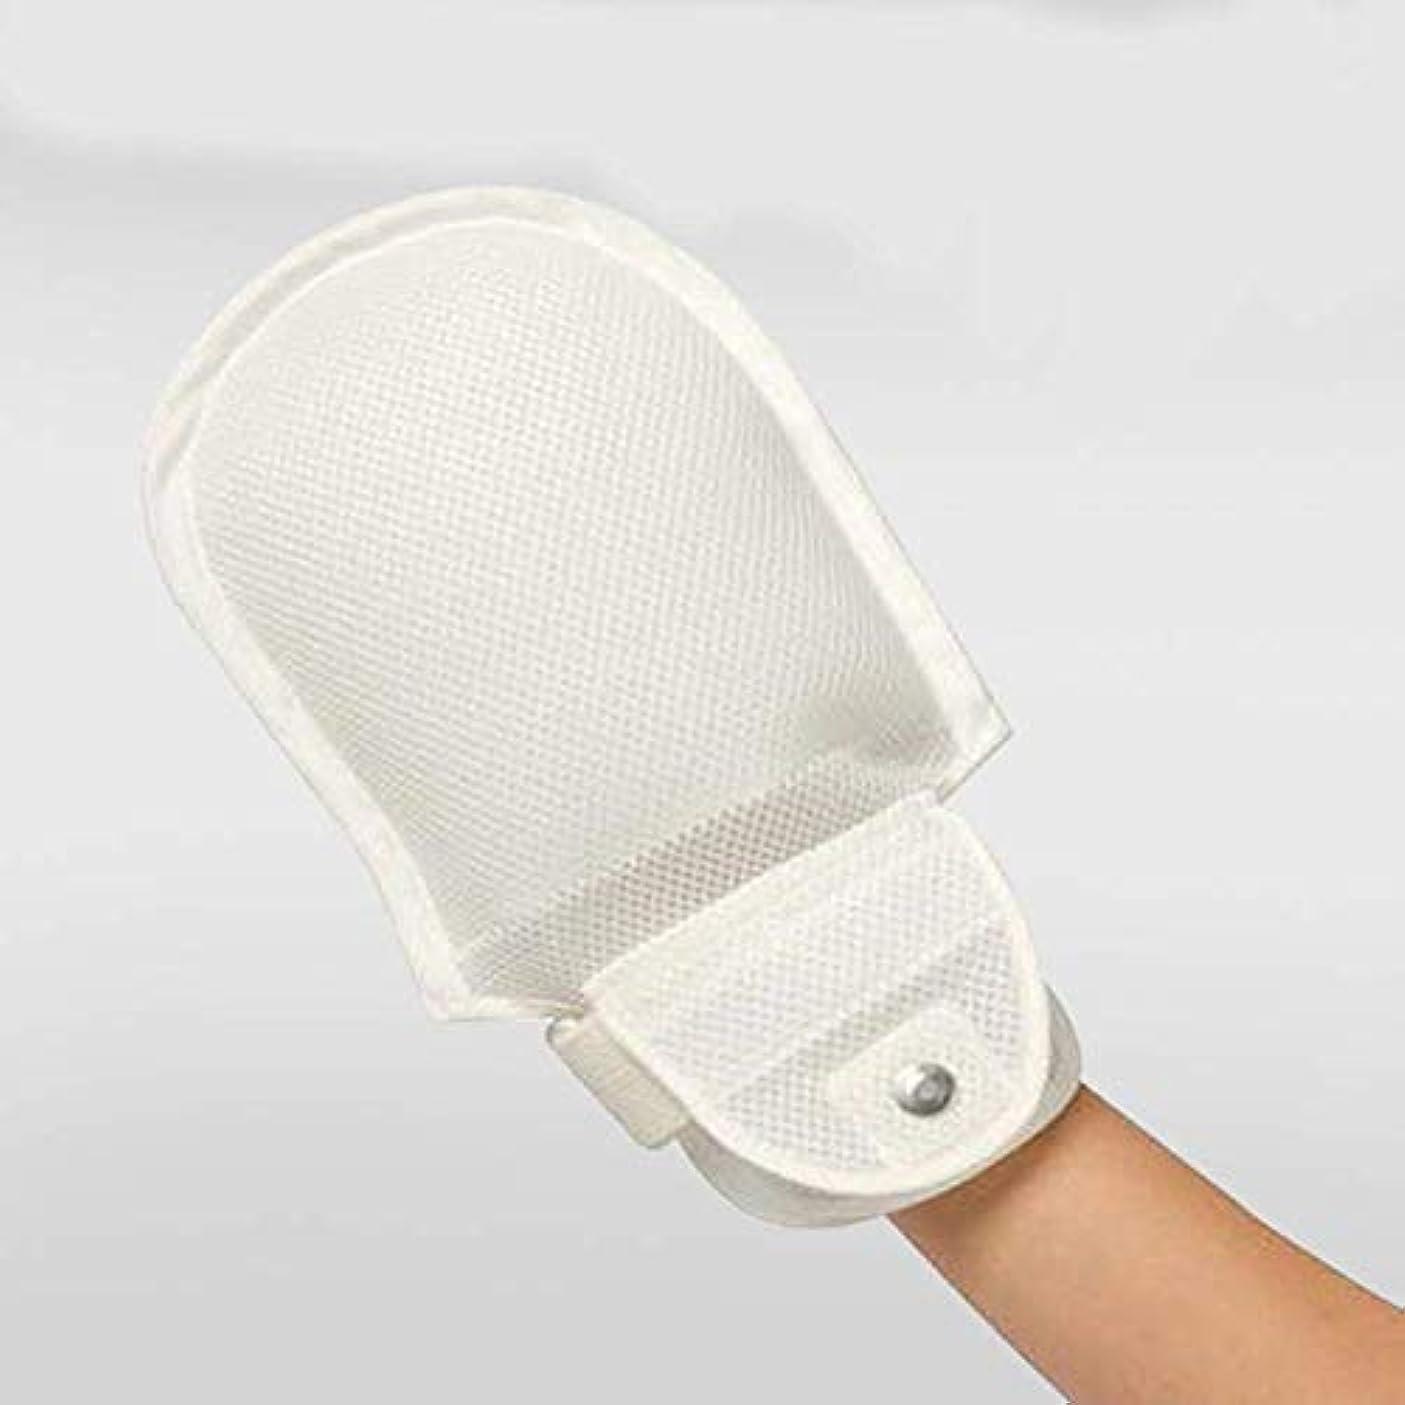 動機付ける左交じるフィンガーコントロールミット、手の拘束、認知症安全拘束手袋ハンドプロテクターを保護します。 (2PCS)